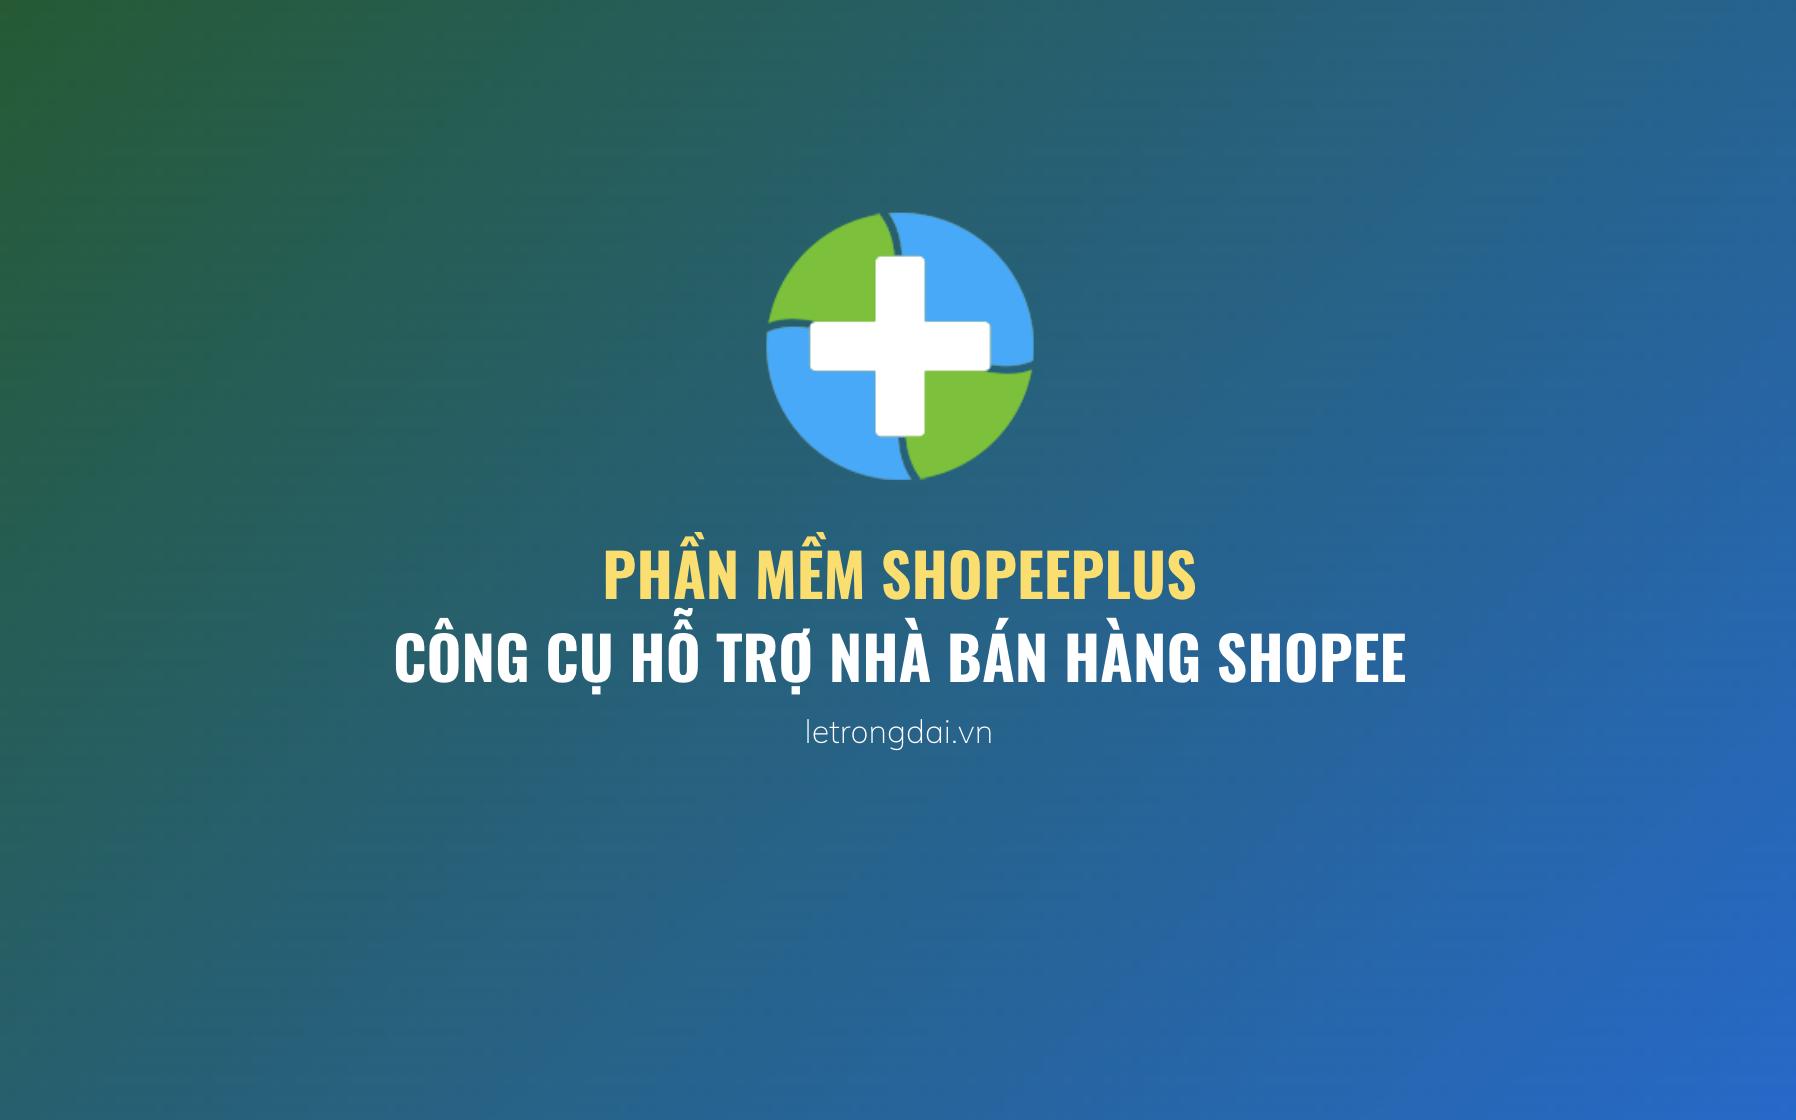 ShopeePlus - Phần mềm hỗ trợ bán hàng Shopee